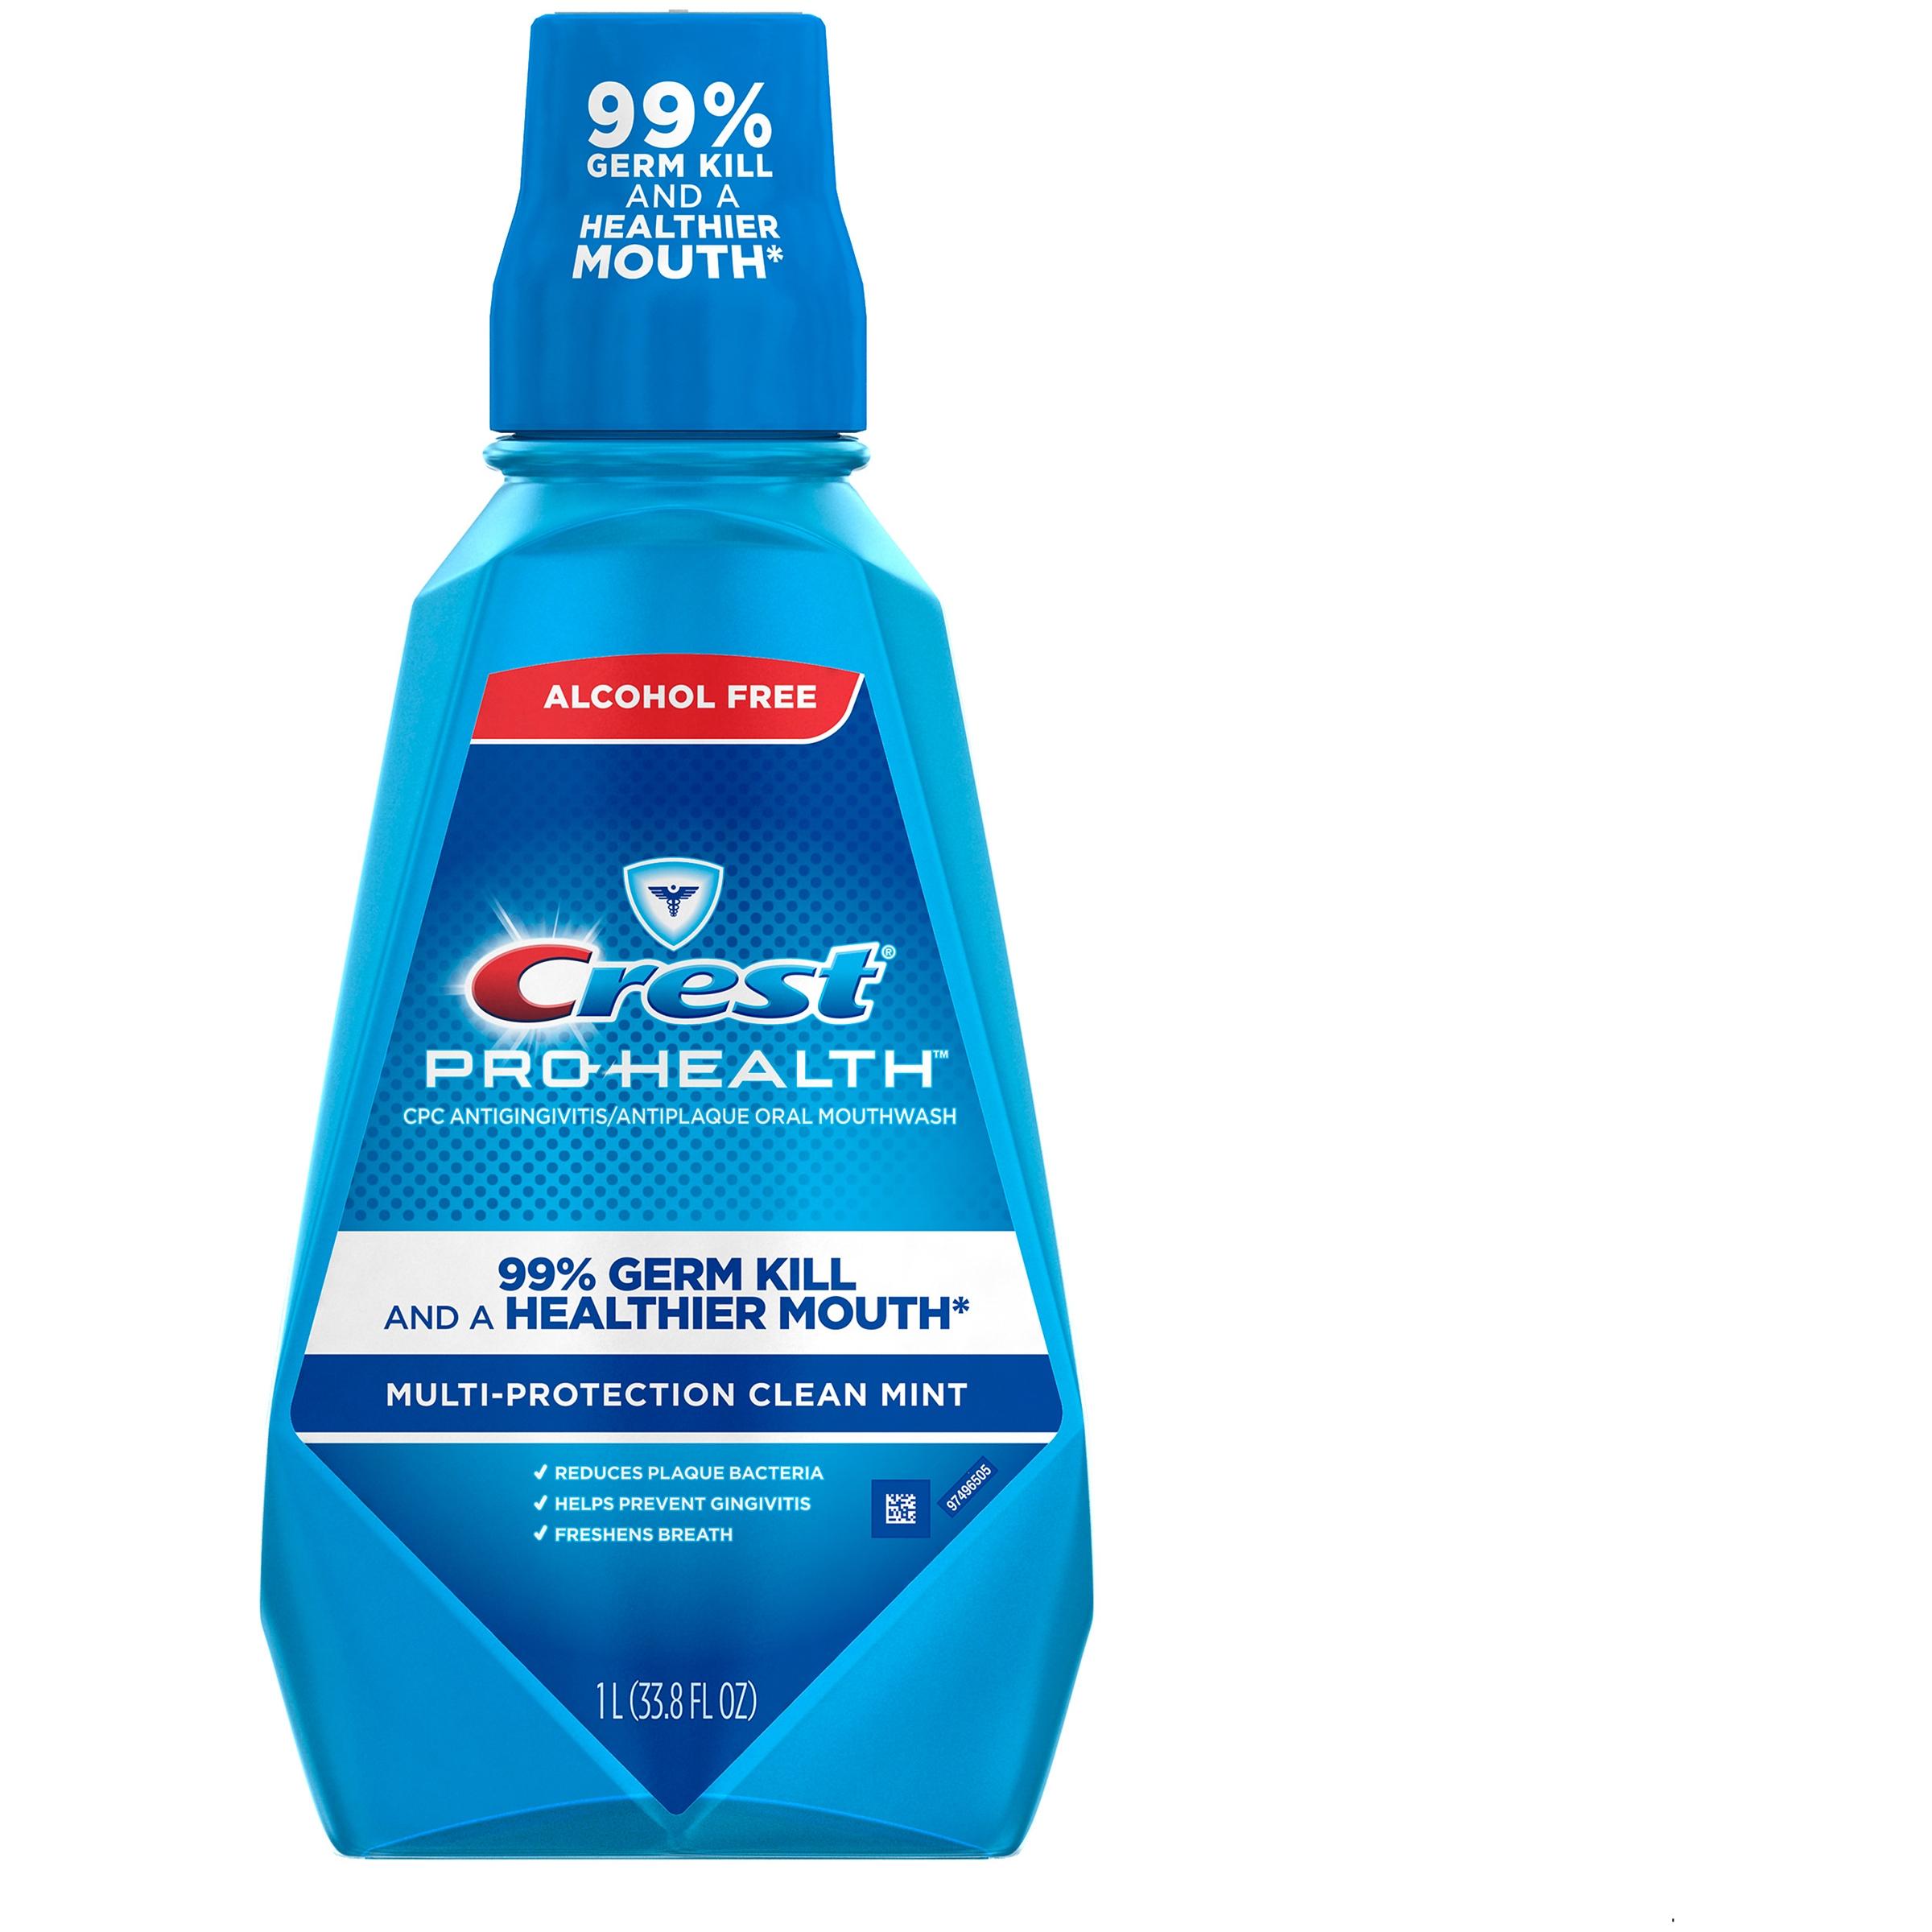 Image result for crest pro health mouthwash